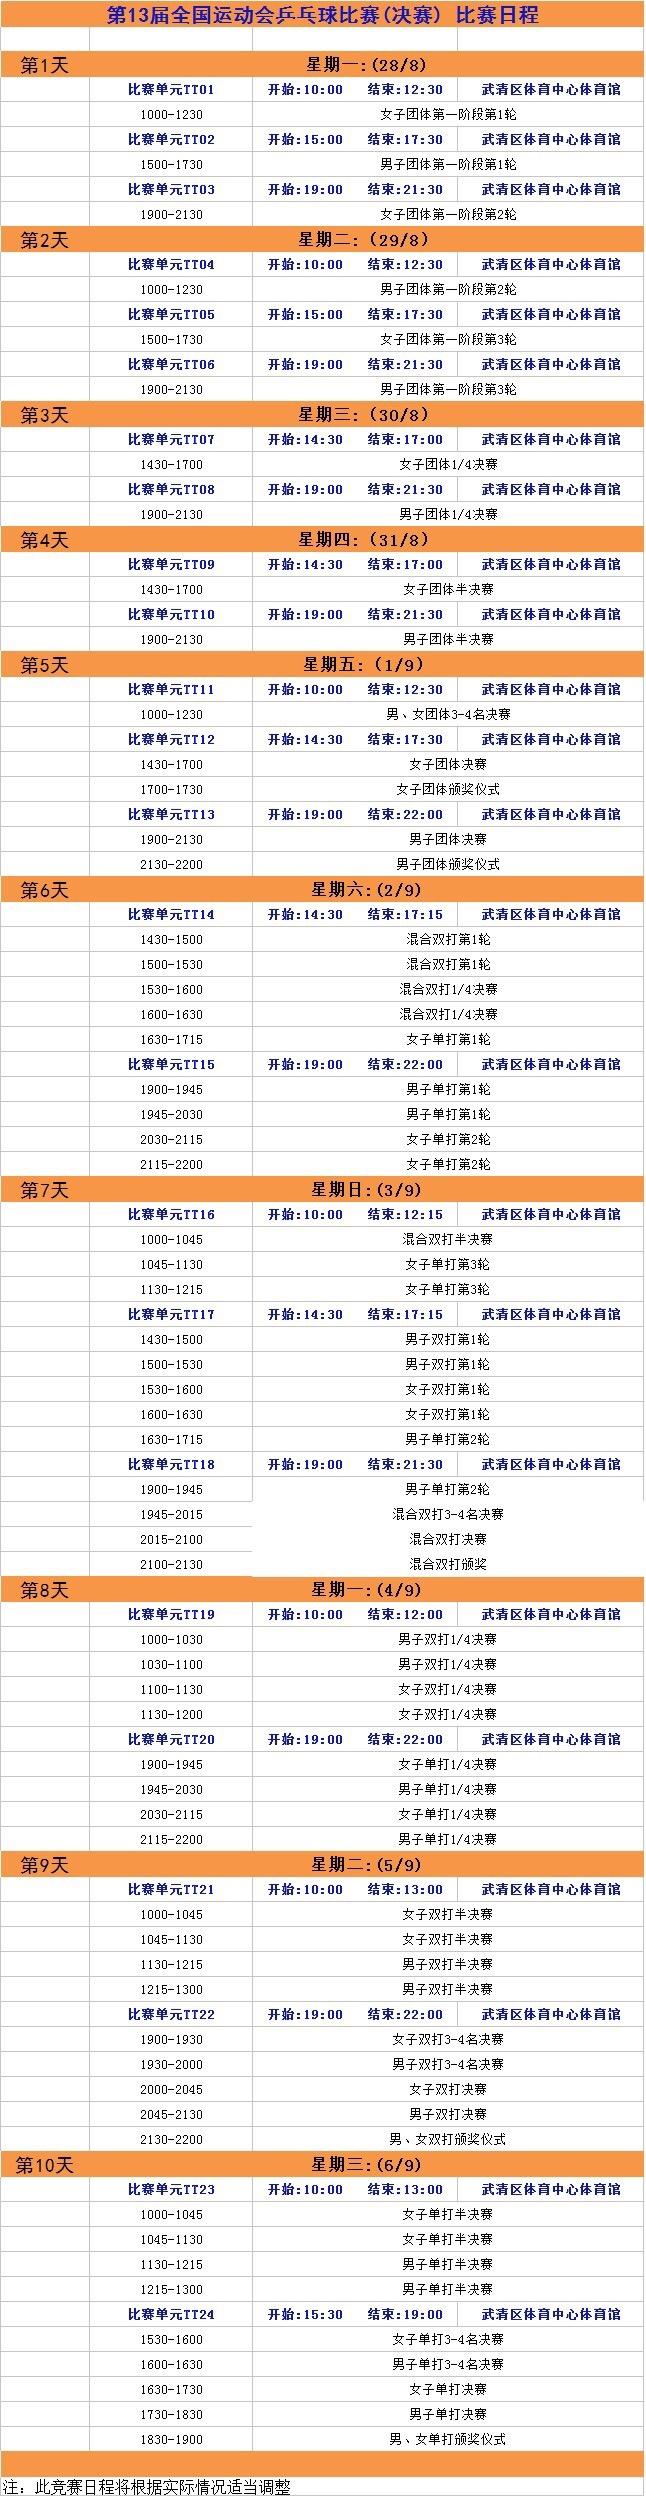 全运会乒乓球比赛时间表